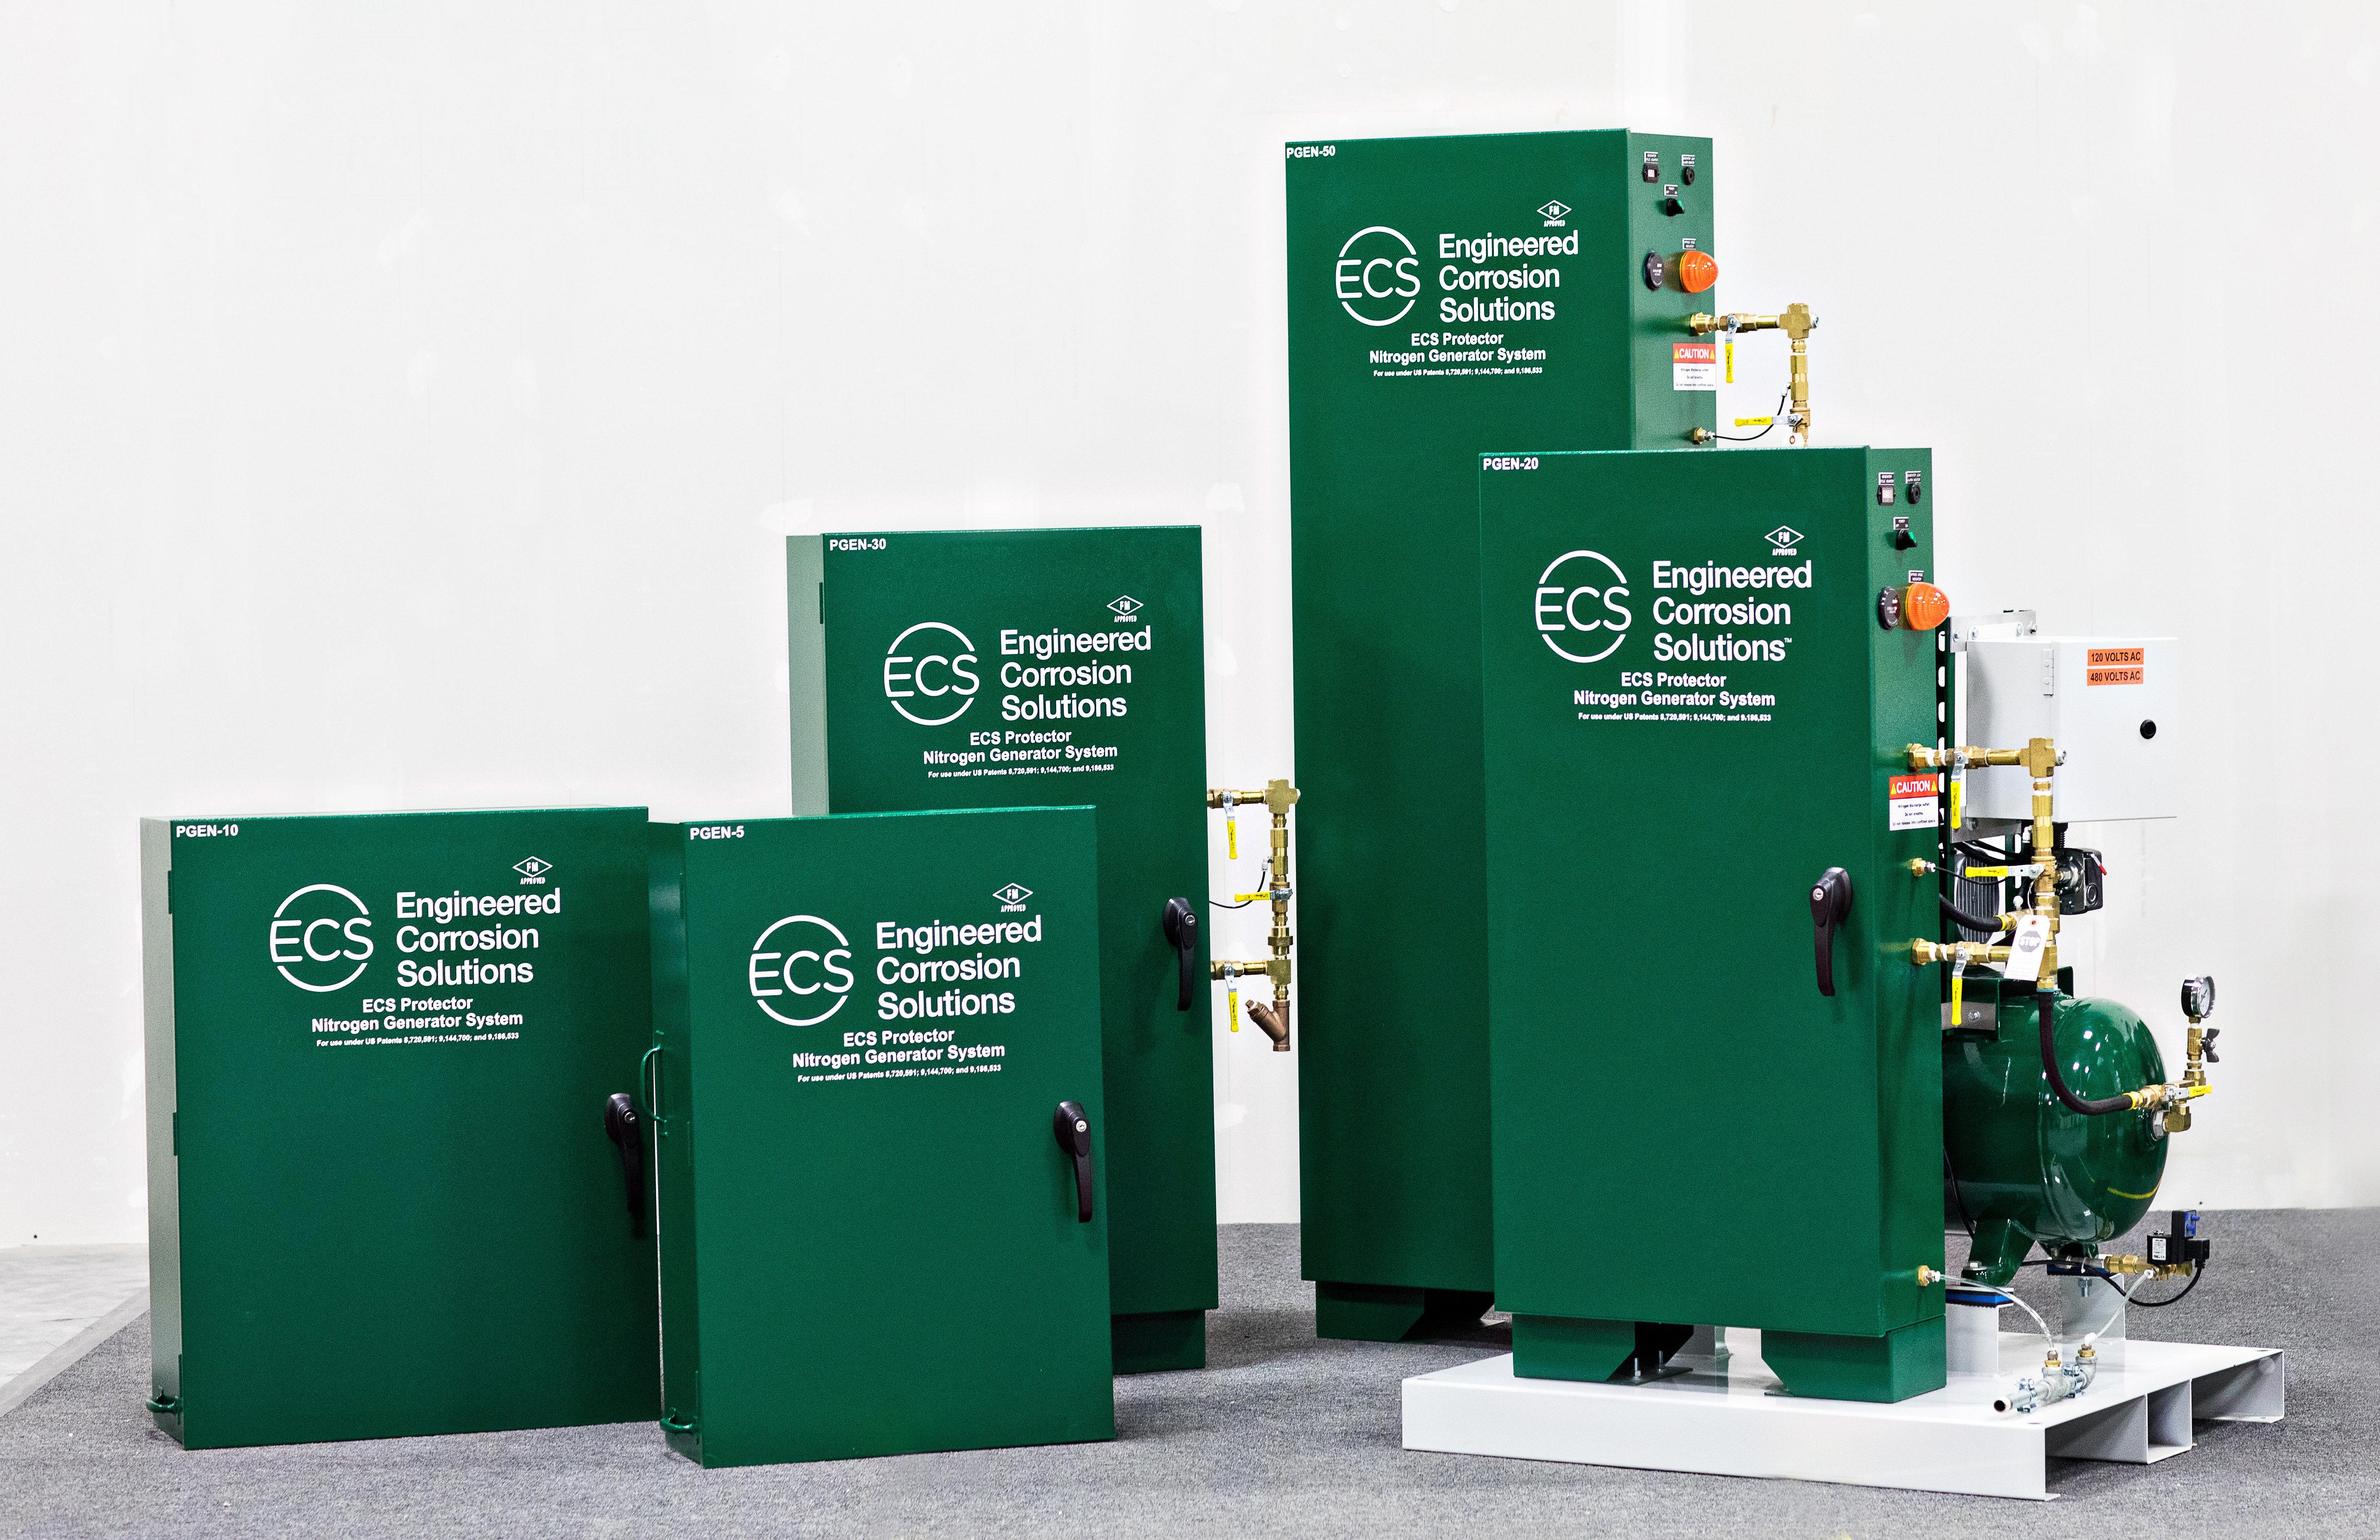 ECS Corrosion Control Blog